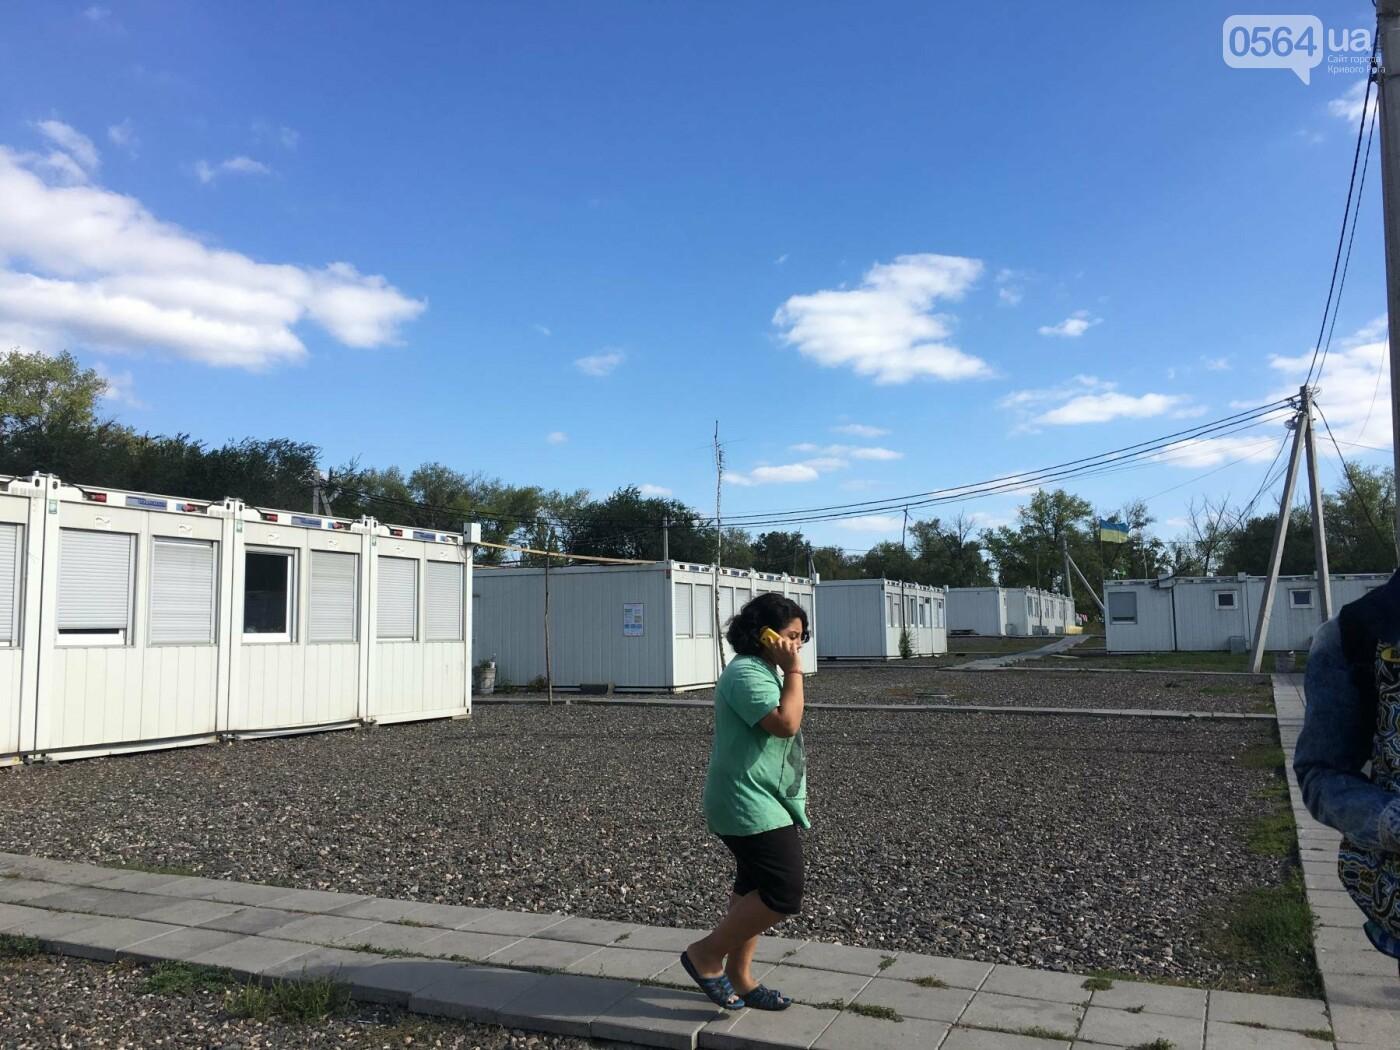 Какие проблемы влияют на качество жизни переселенцев в Кривом Роге?  (ФОТО), фото-33